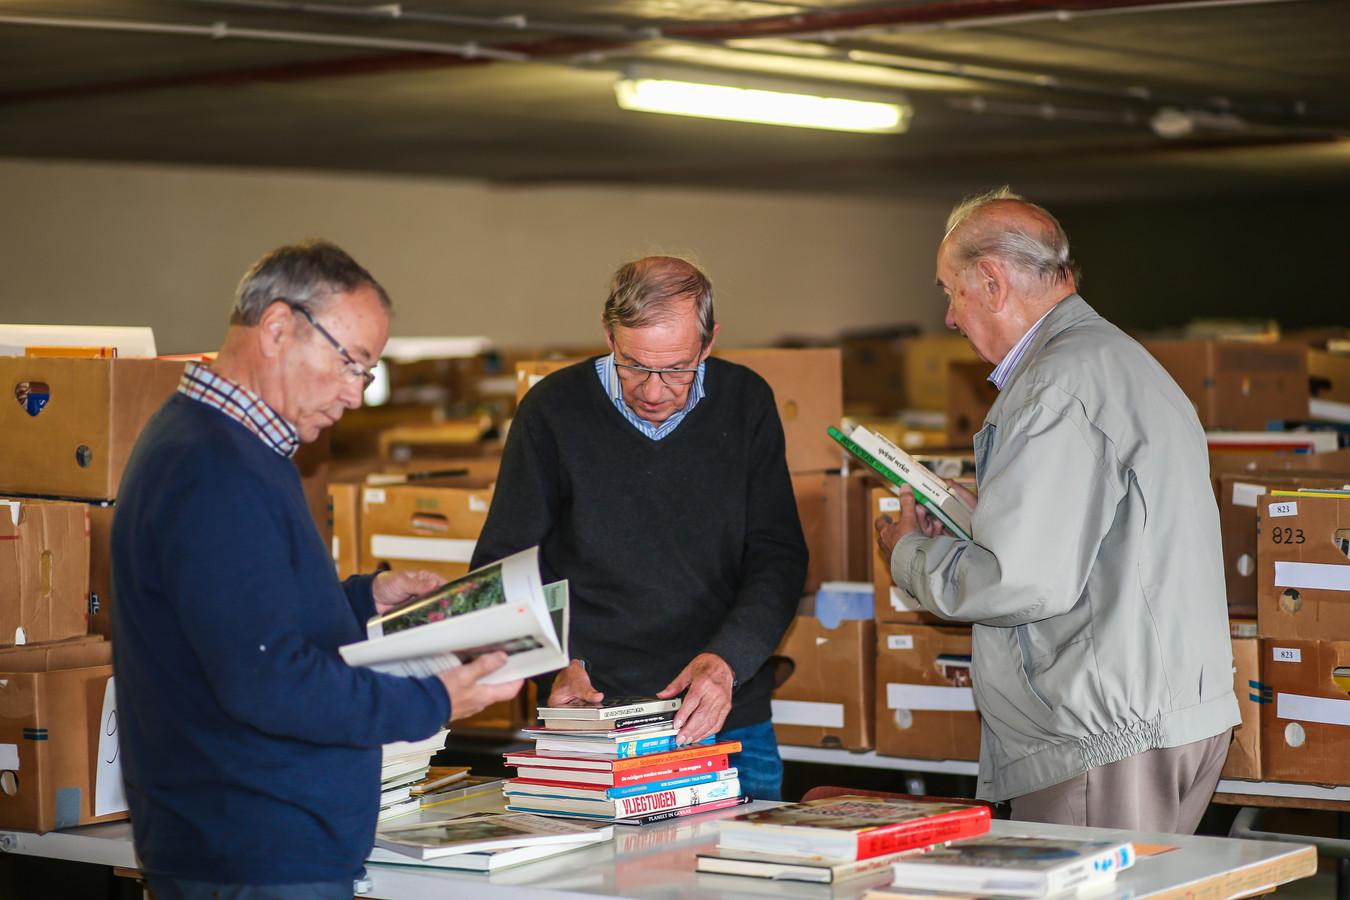 De beurs biedt dit jaar maar liefst 50.000 boeken aan en bevat enkele zeldzame pareltjes, die in geen enkele collectie mogen ontbreken.